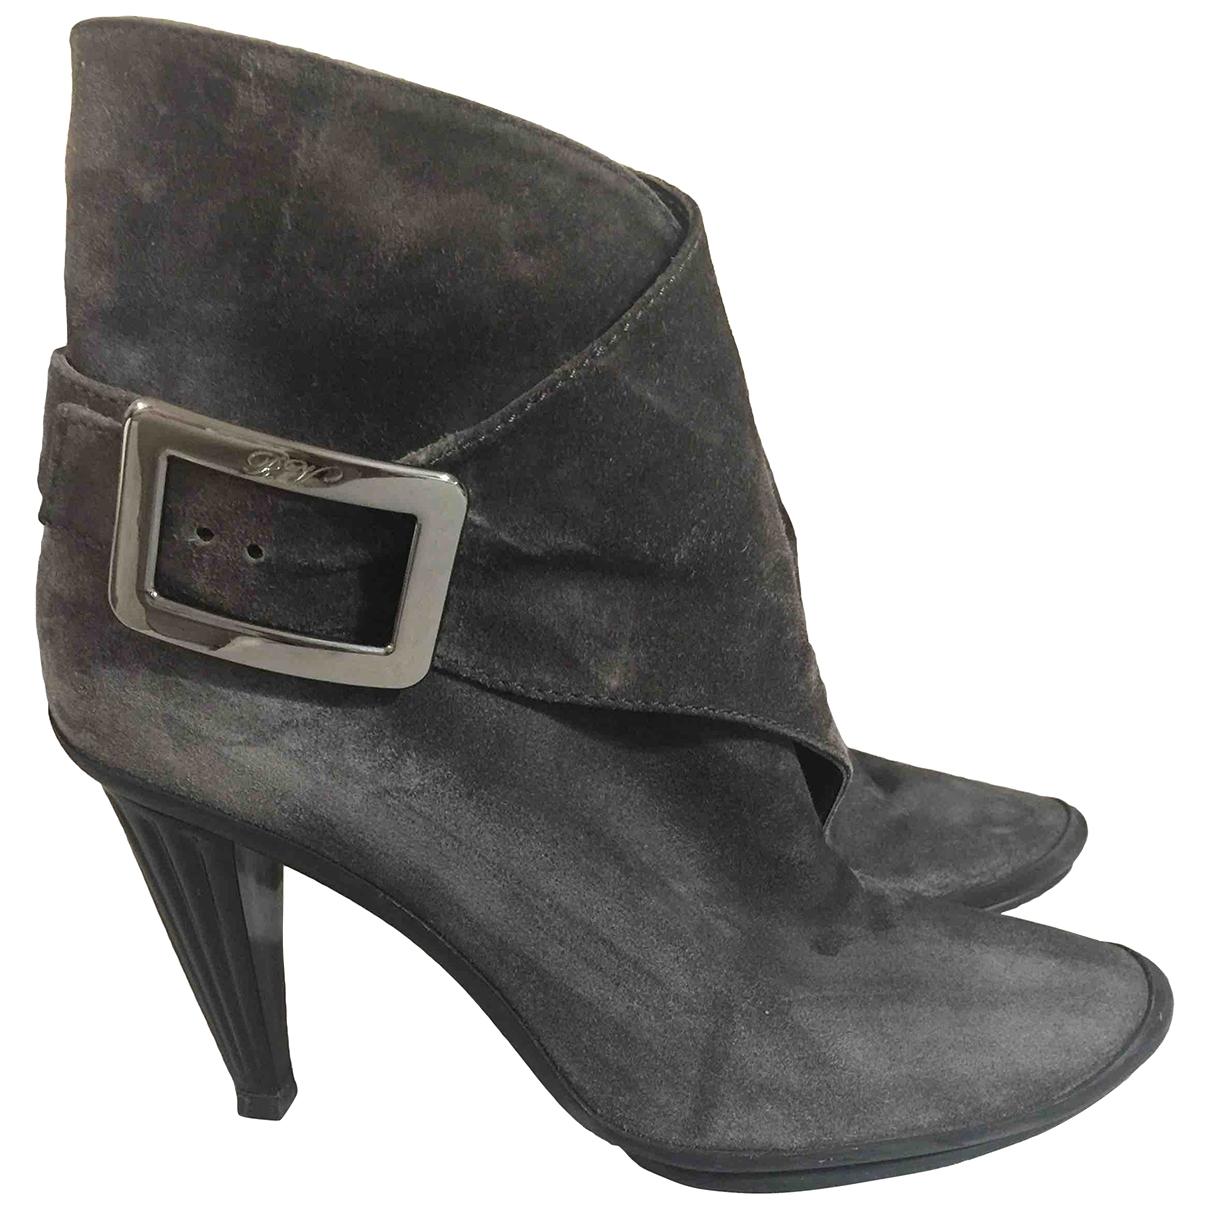 Roger Vivier - Boots   pour femme en suede - gris